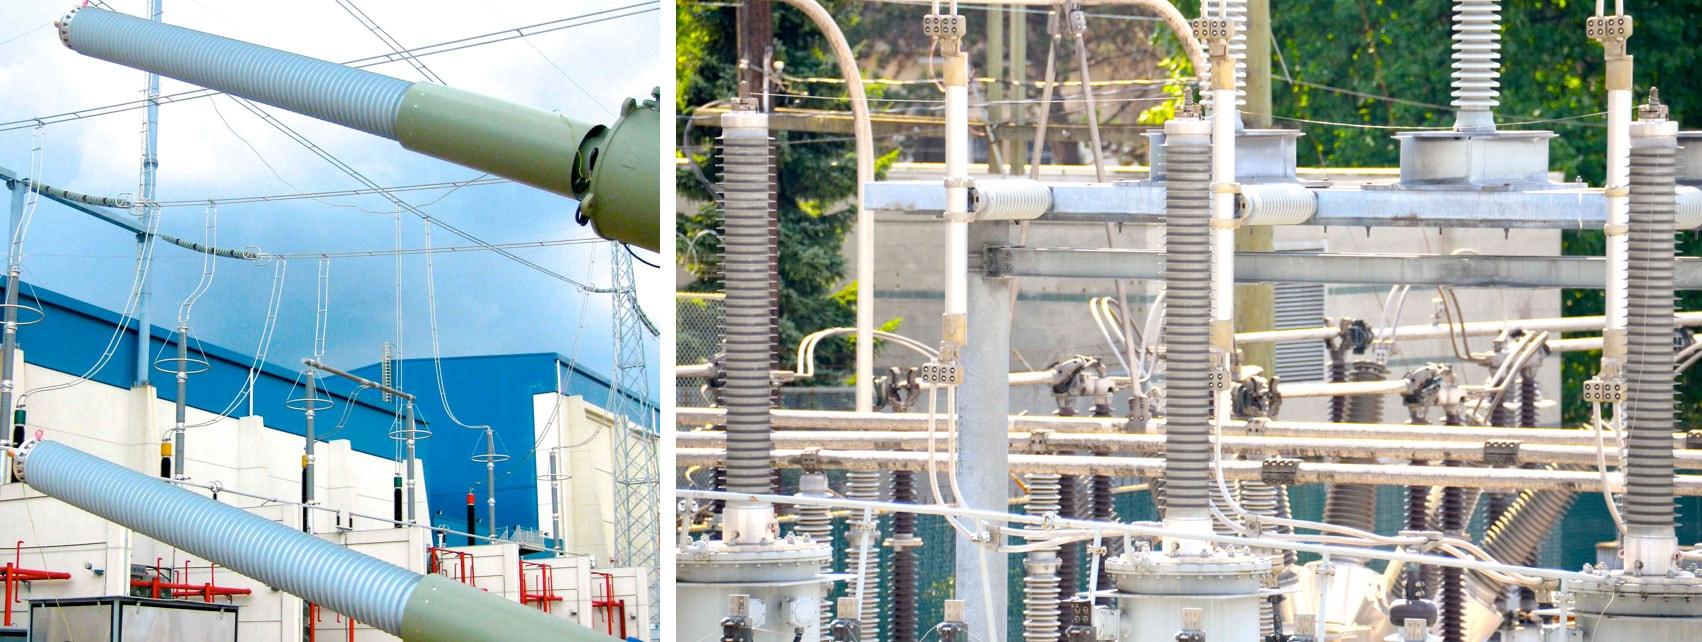 bushings Evaluating Reliability of Bushings RIP transformer bushings at   800 kV Chuxiong Substation in China and at substation in British Columbia